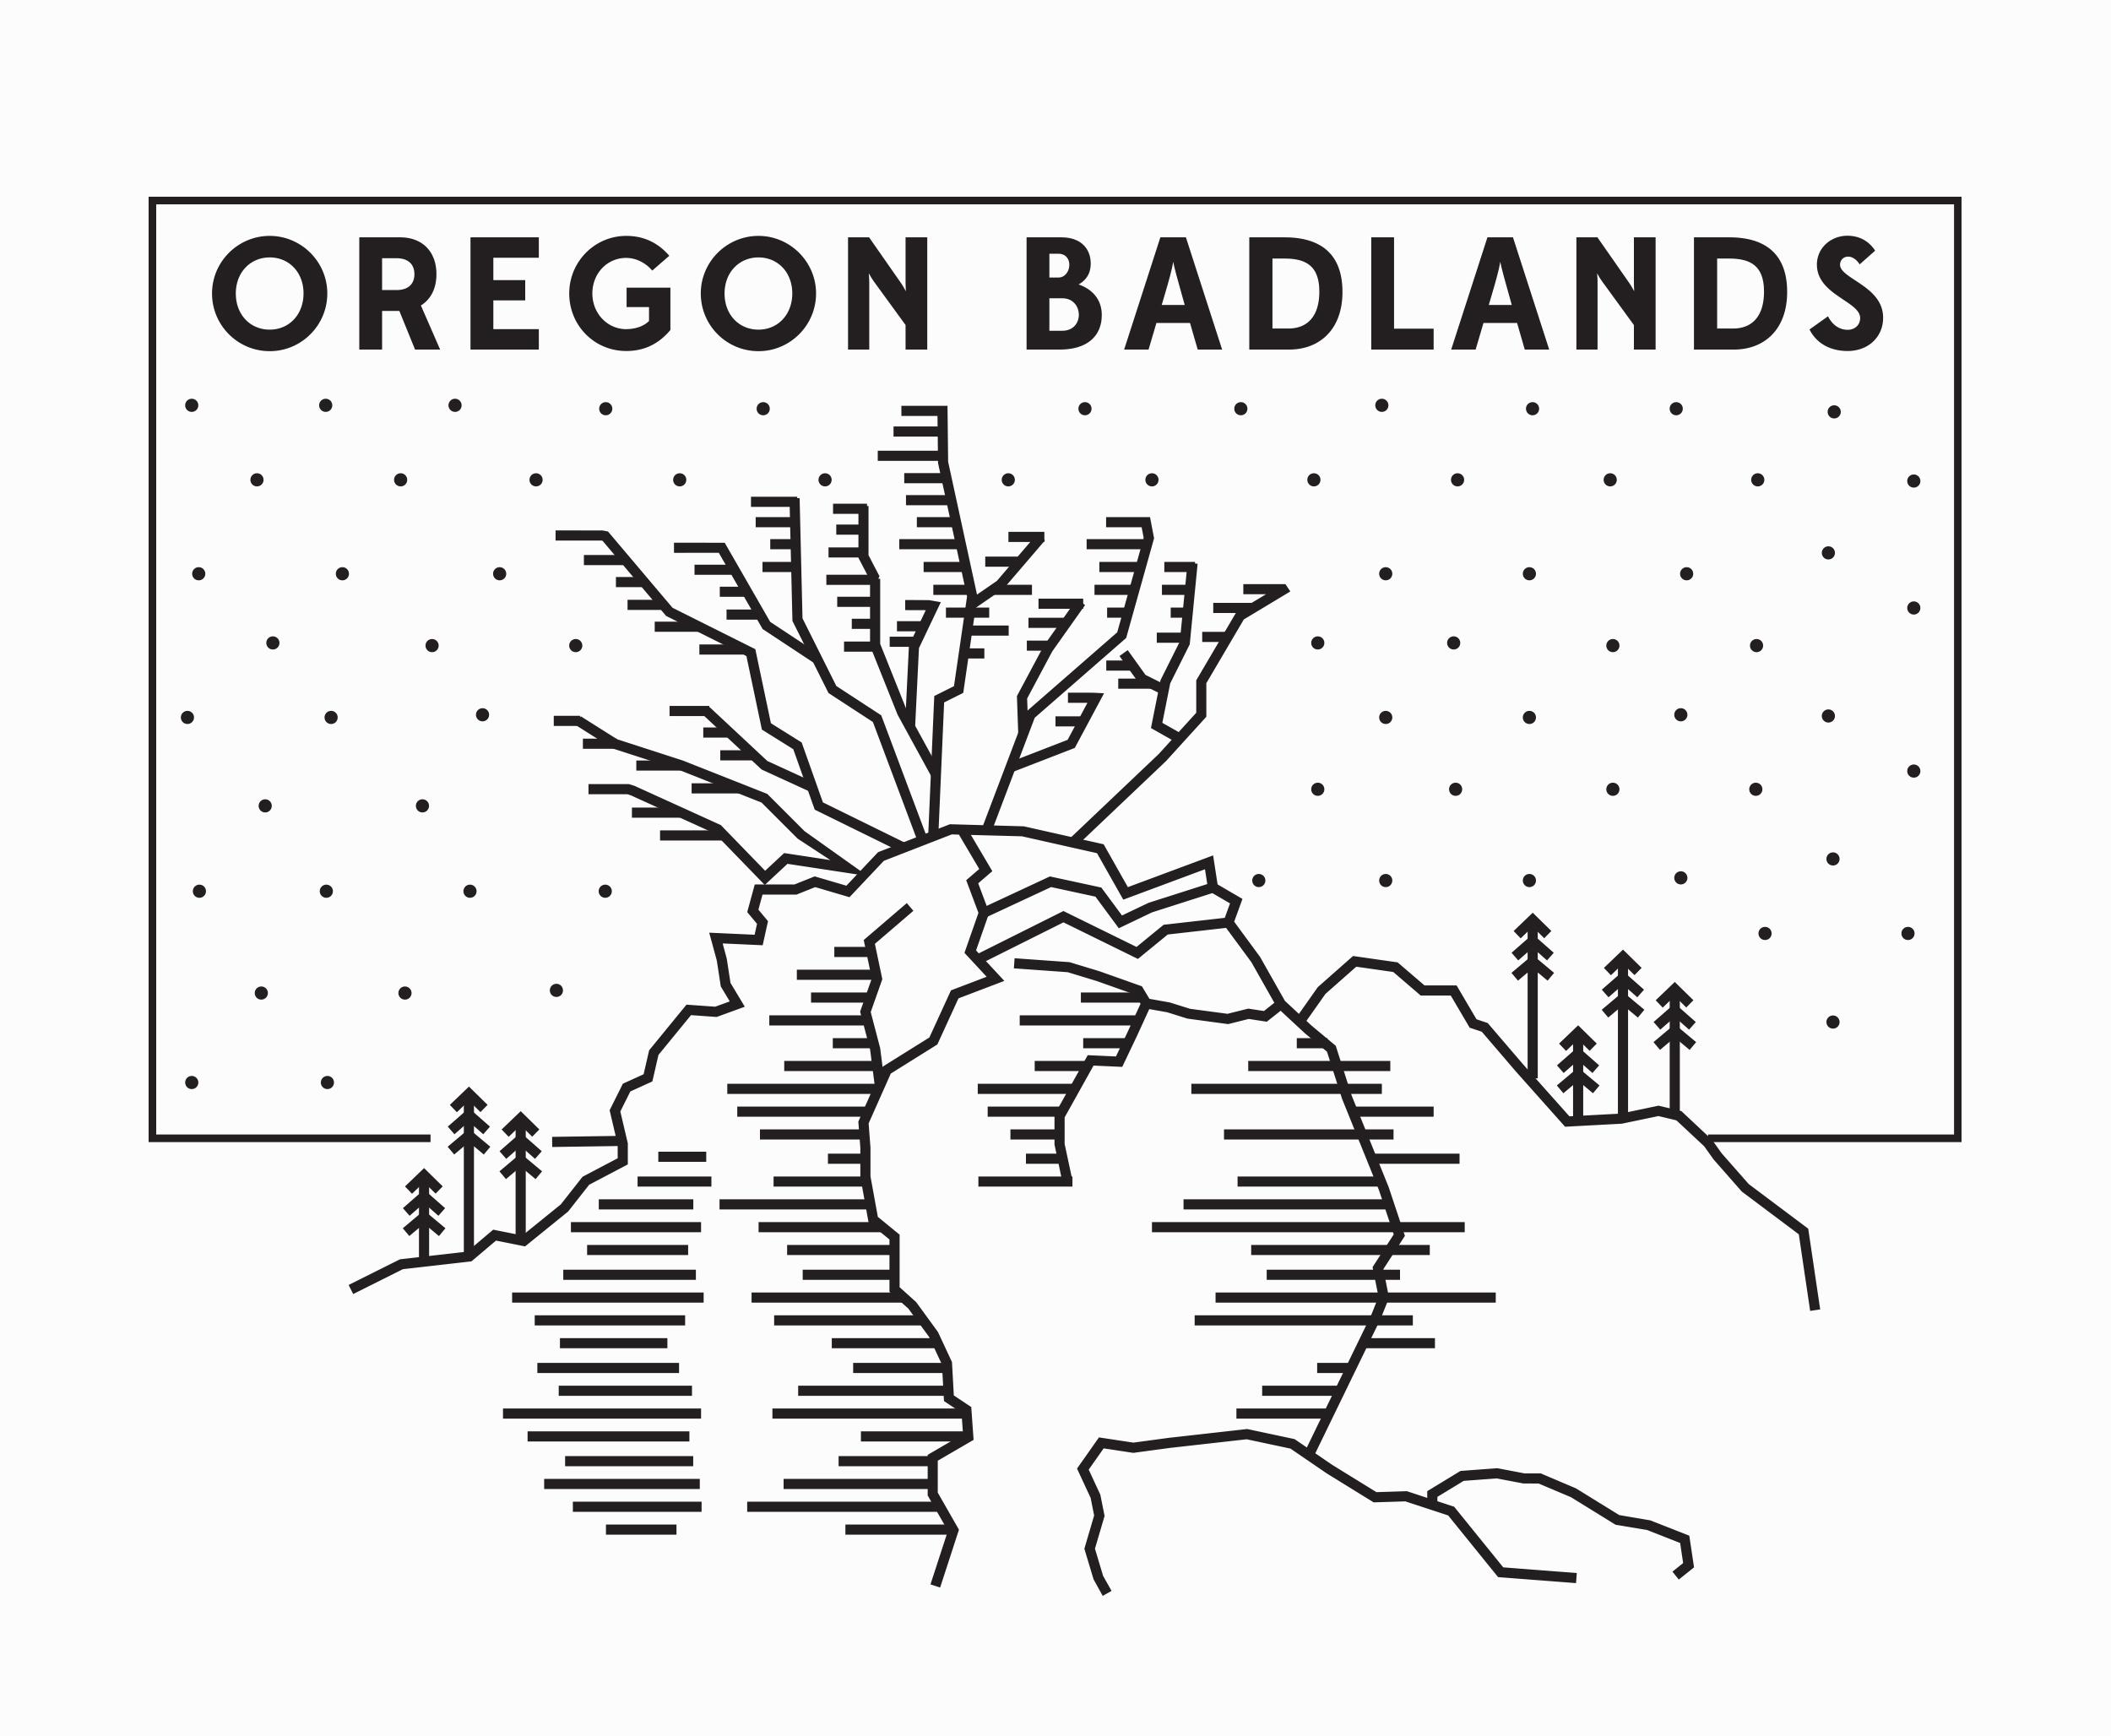 OregonBadlands.jpg